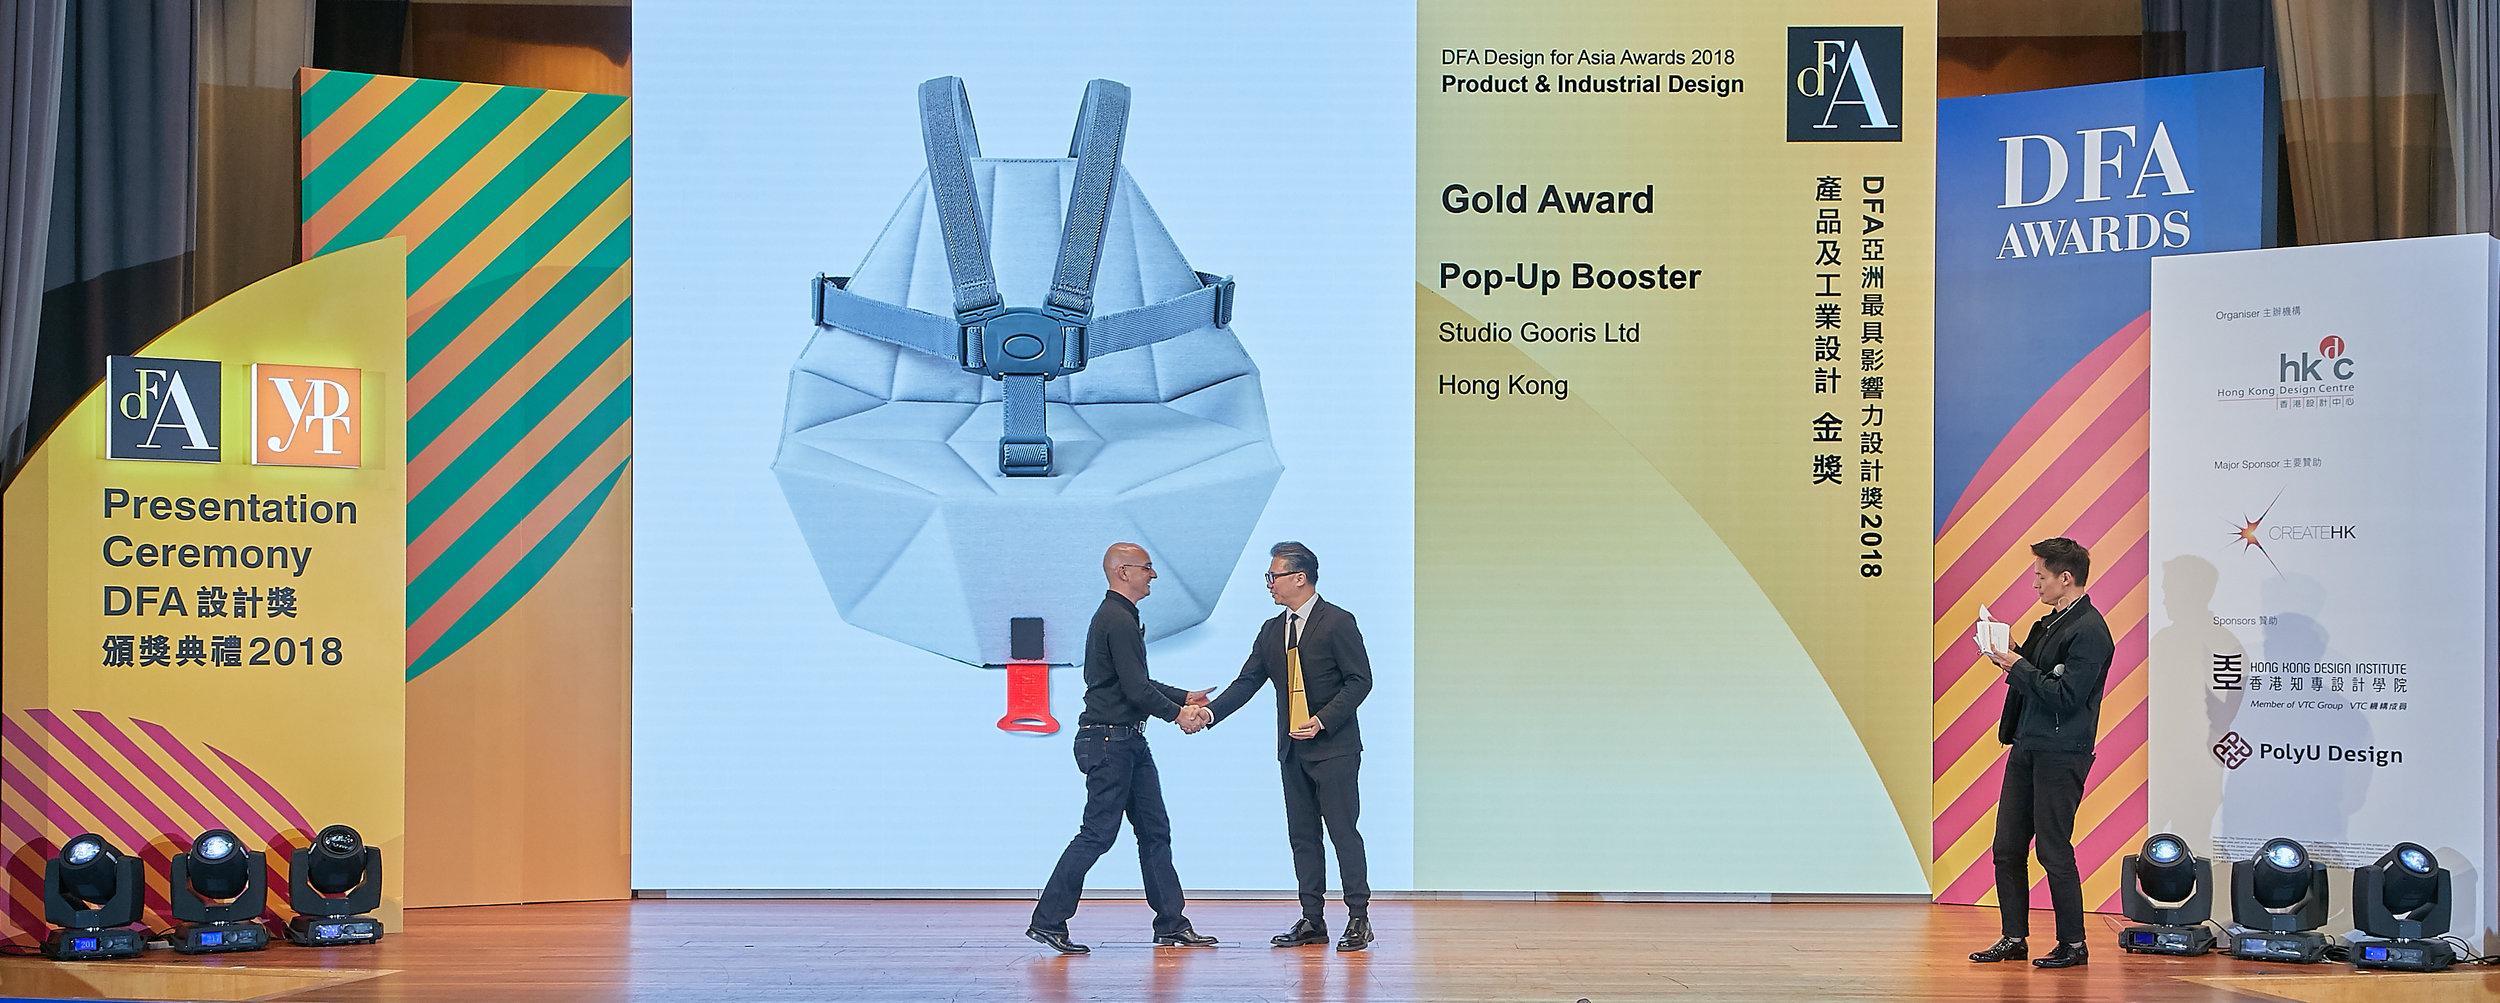 DFA Award Ceremony_Gold Award.jpg